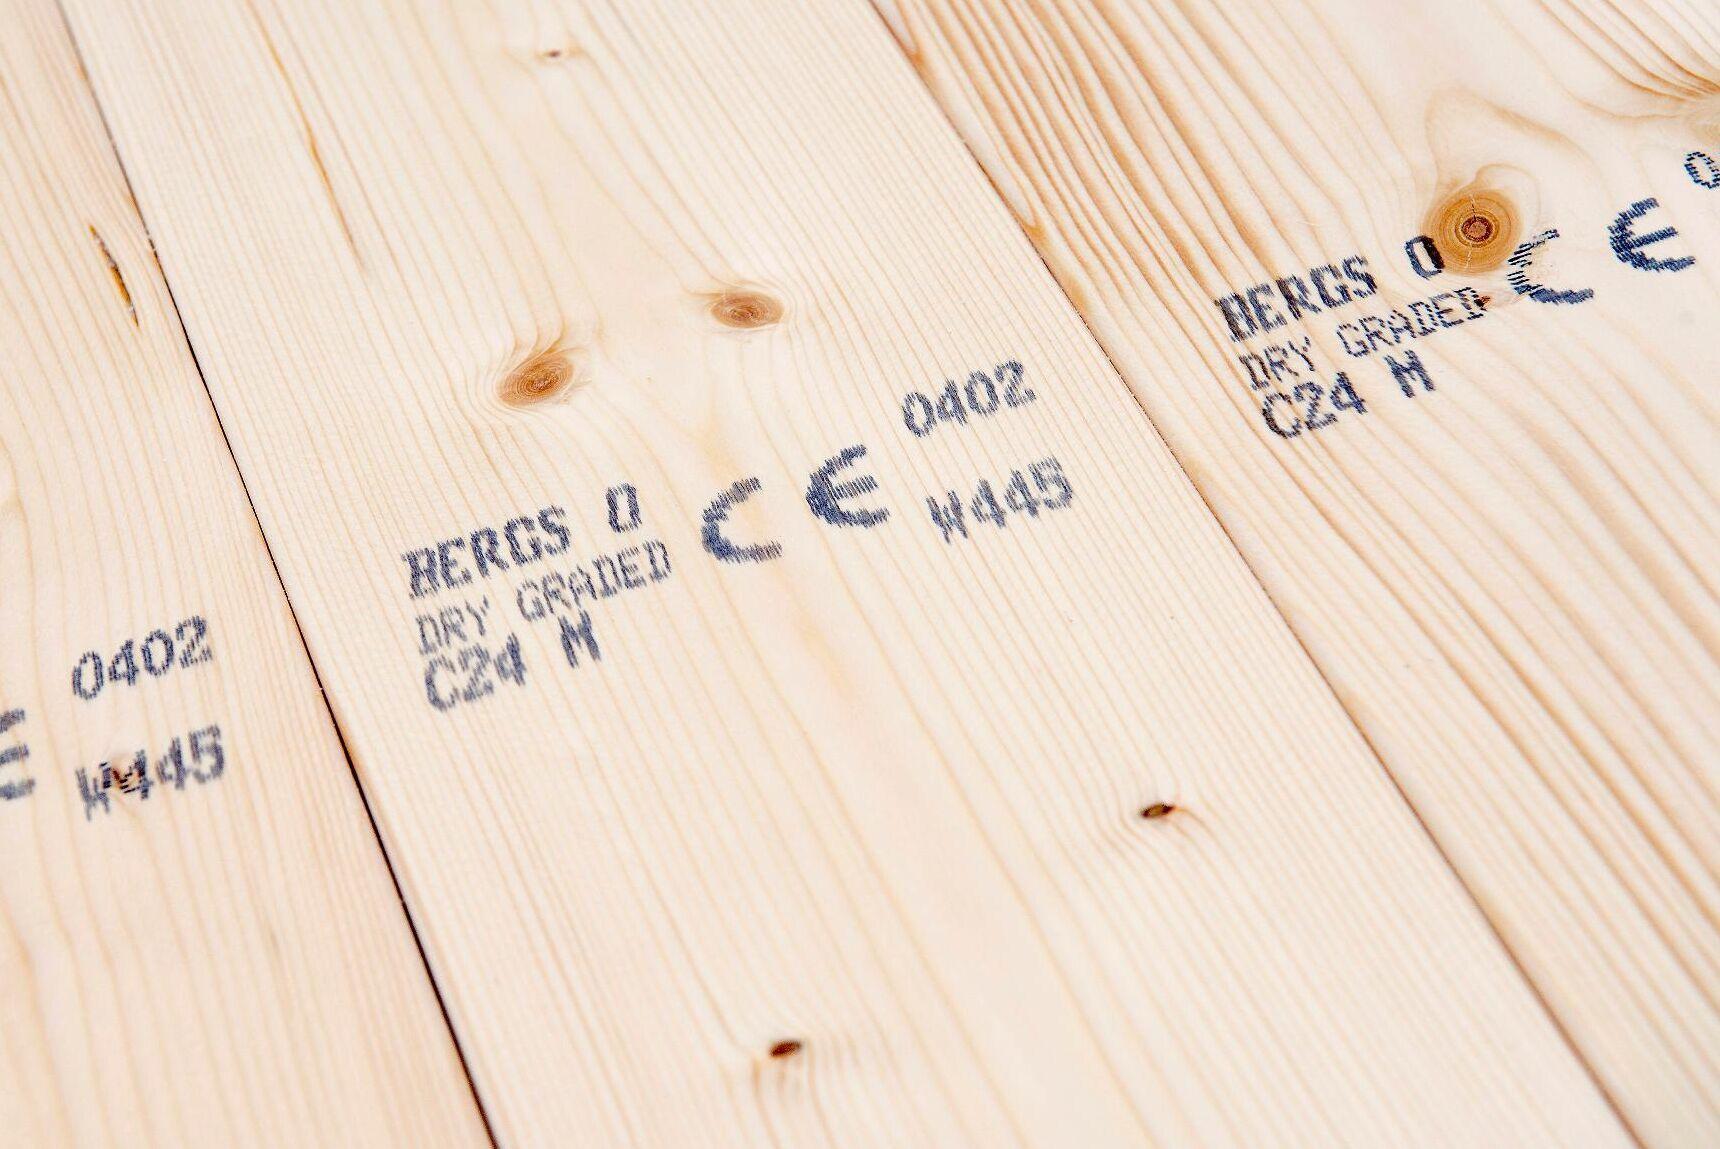 Bergs Timber tror på fortsatt gynnsam marknad för dess produkter.